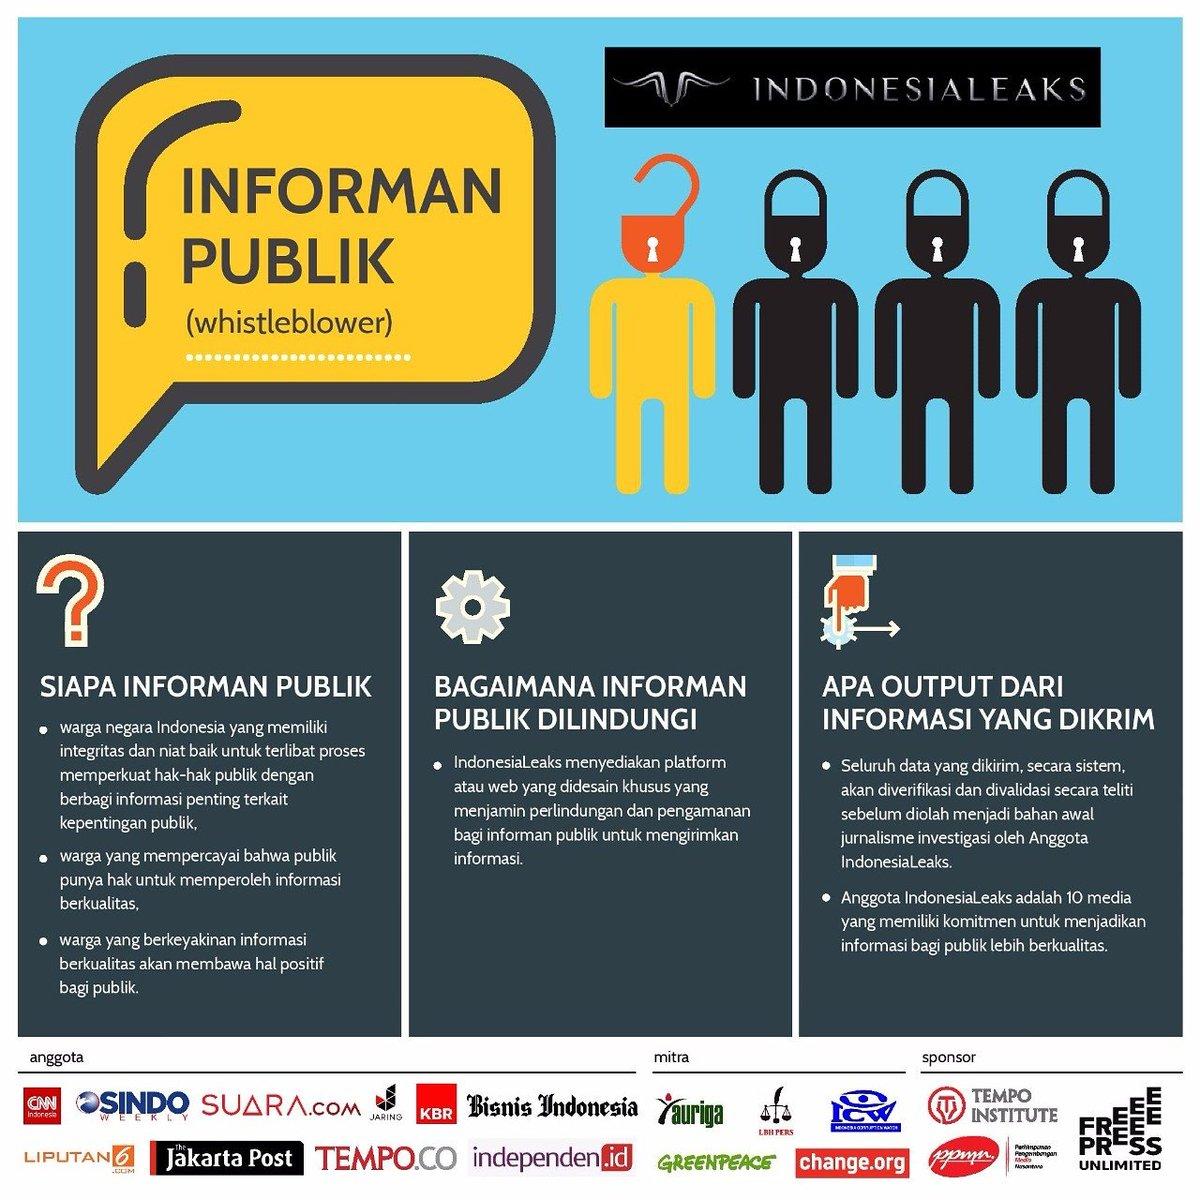 indonesialeaks